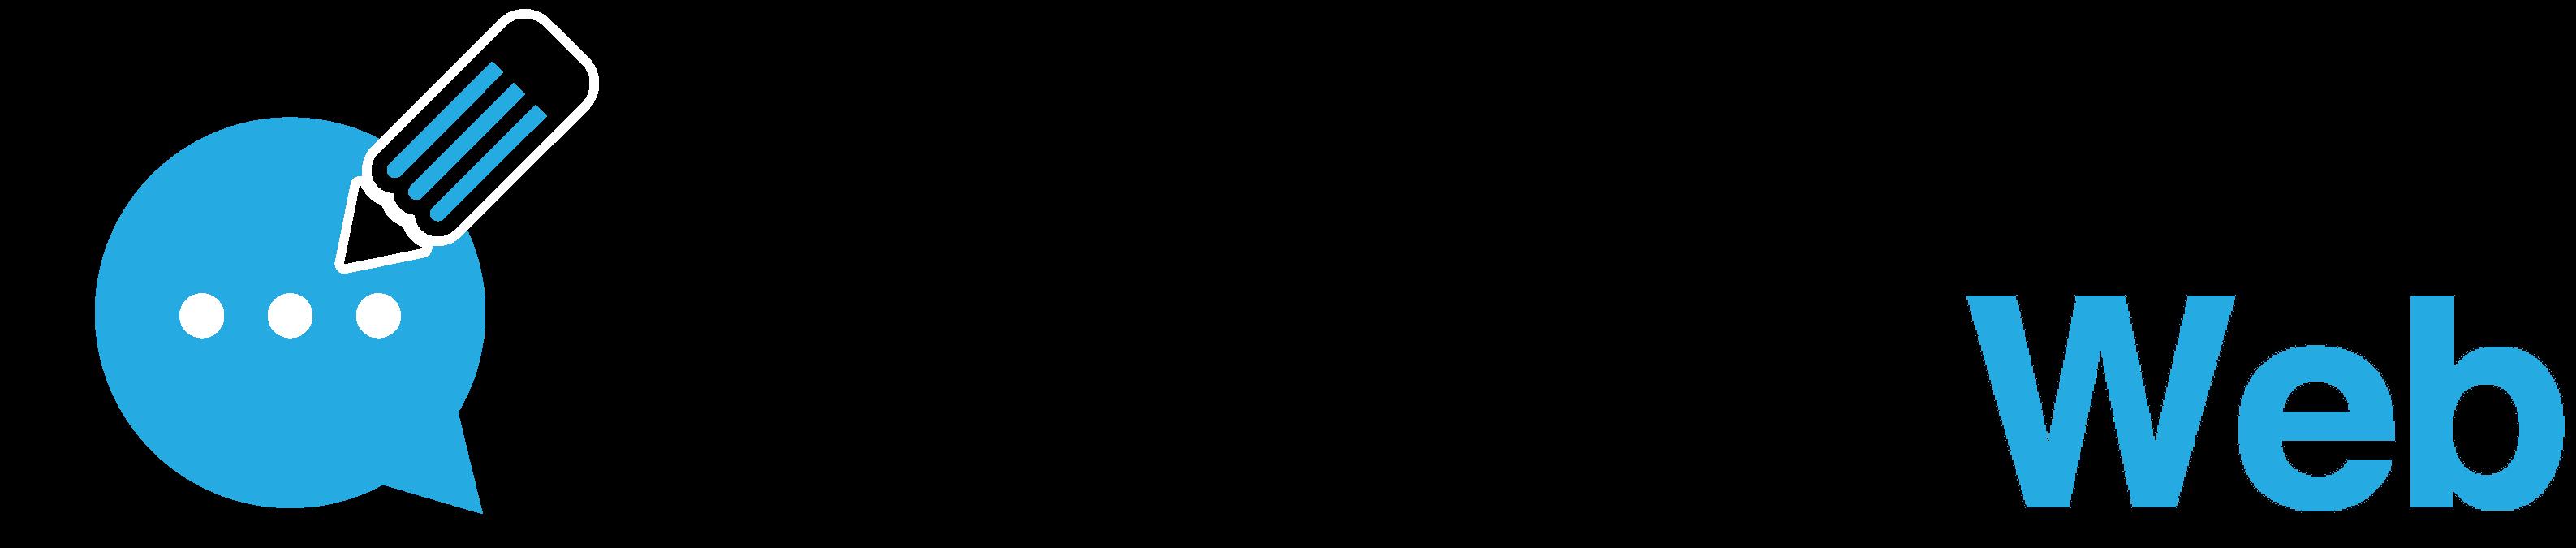 Rédacteur Web logo Bf